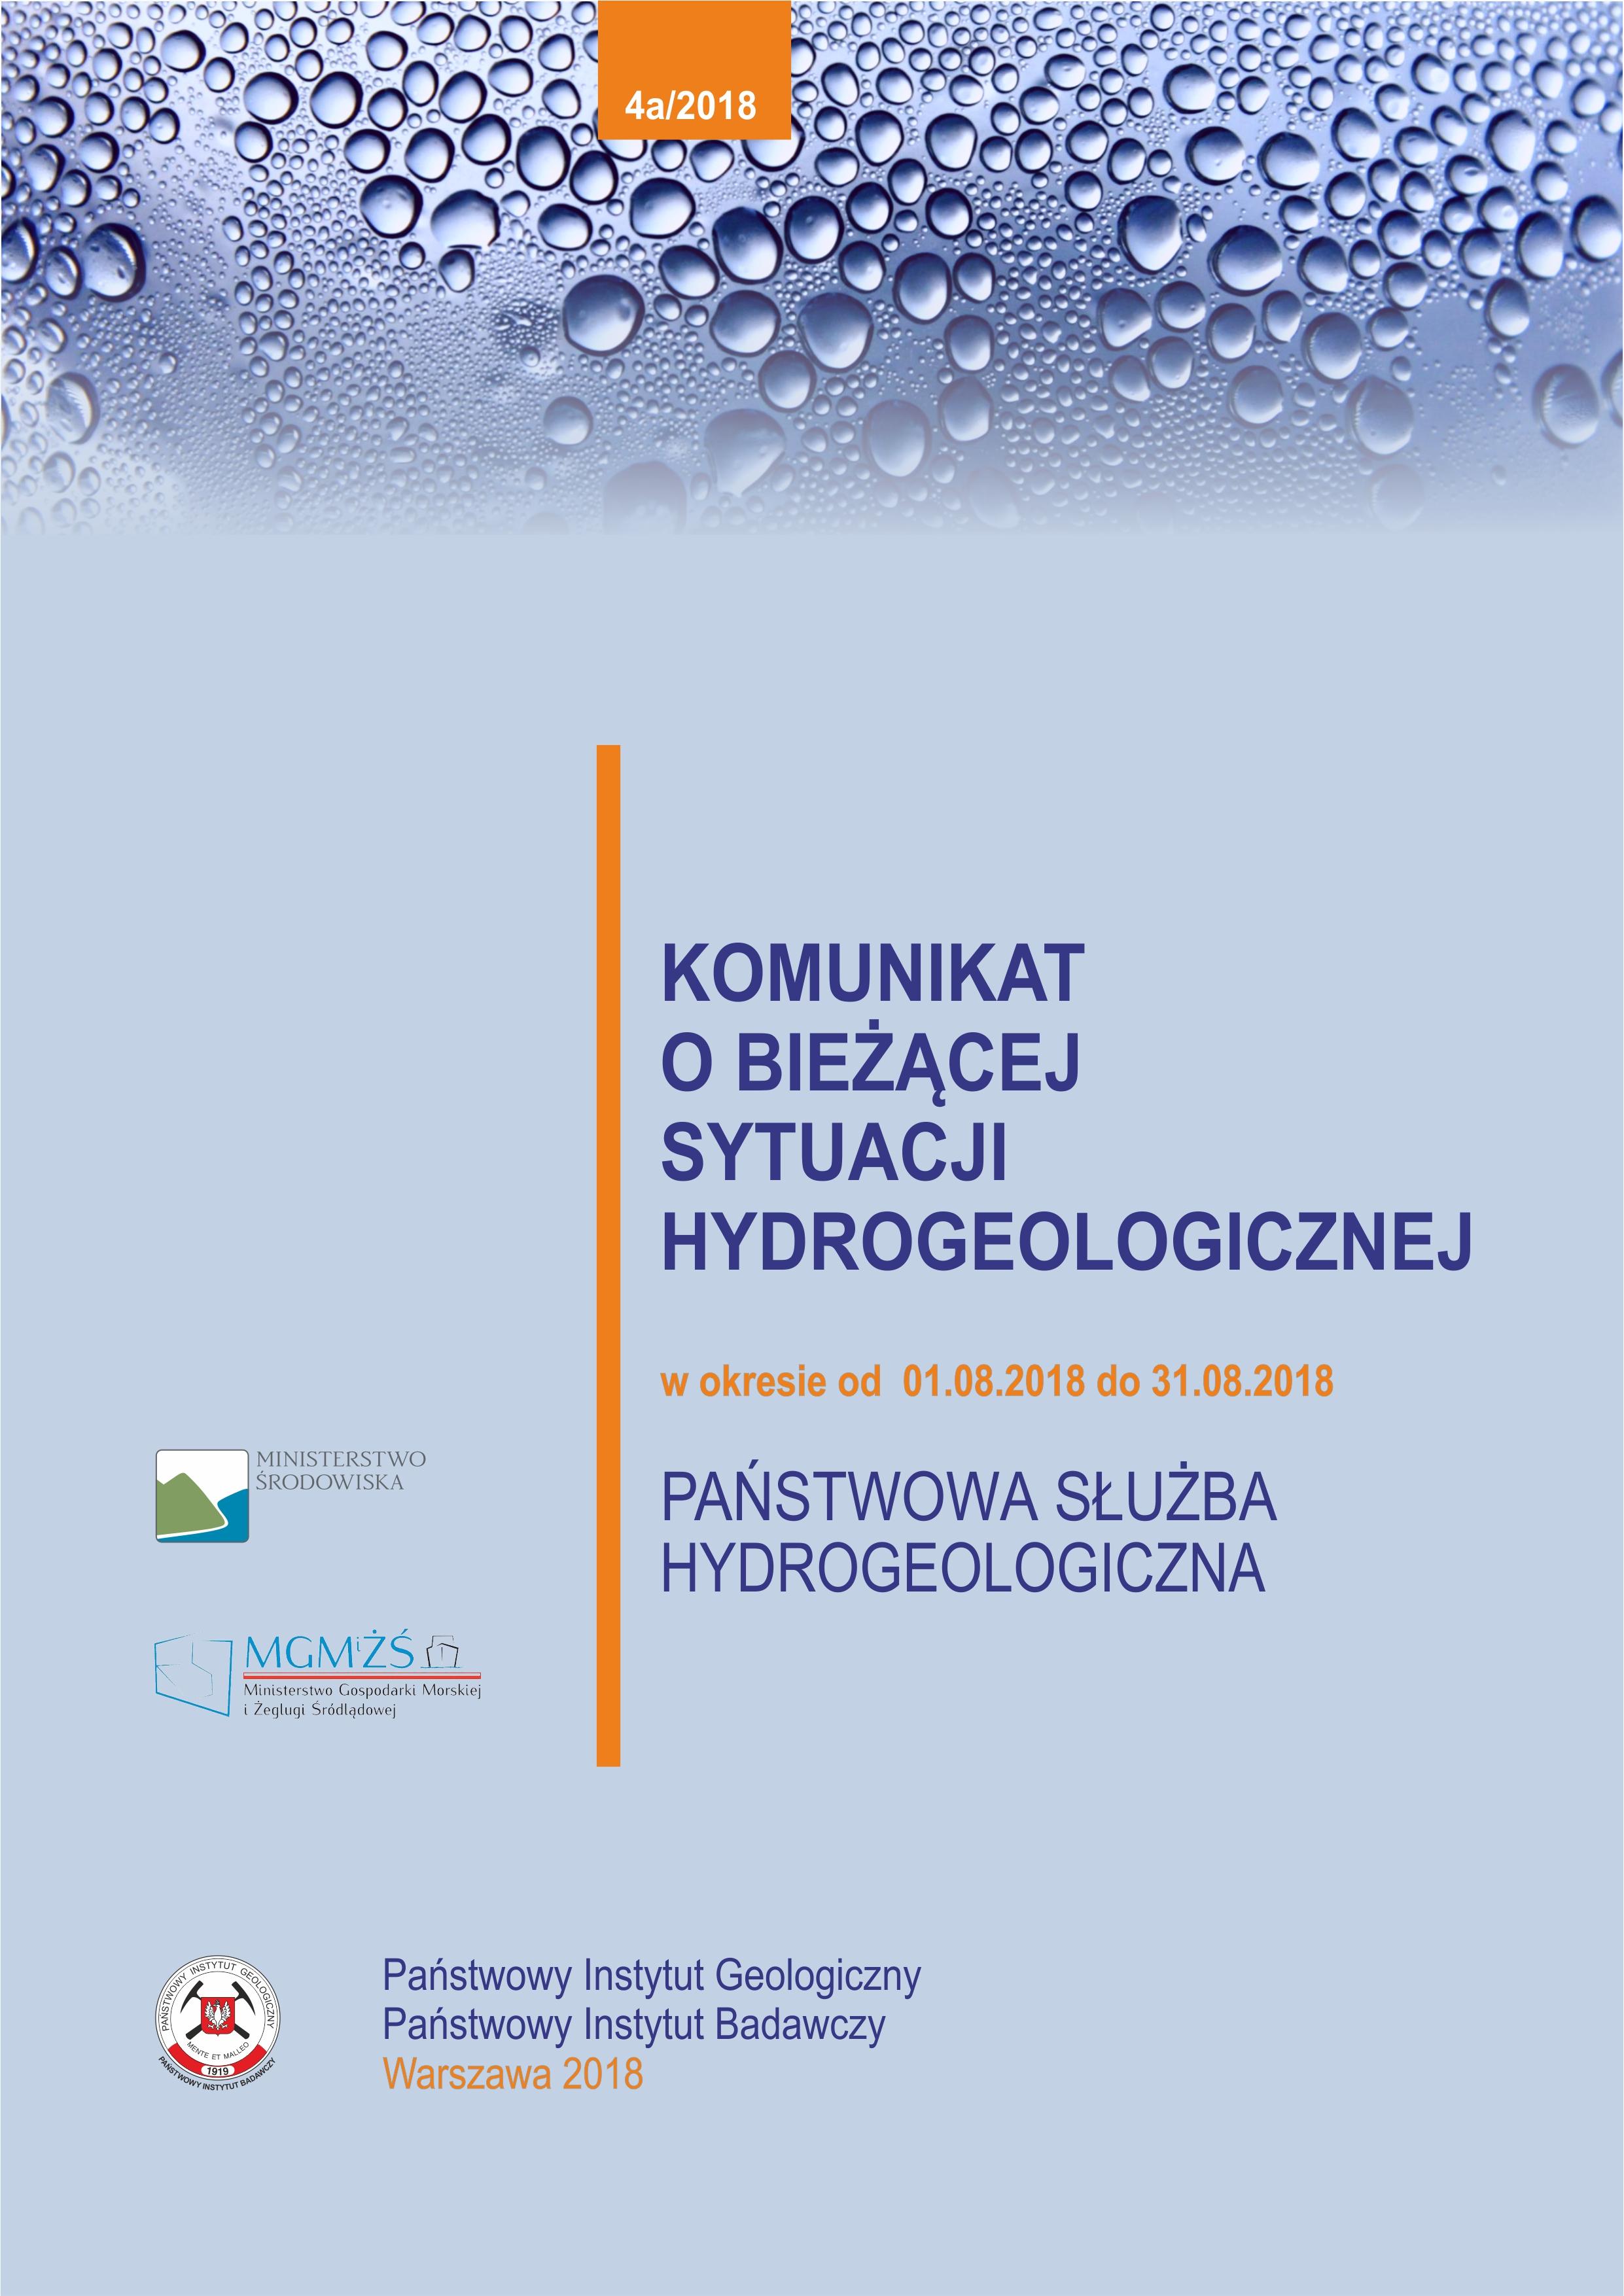 Komunikat o bieżącej sytuacji hydrogeologicznej w okresie 01.08.2018 - 31.08.2018